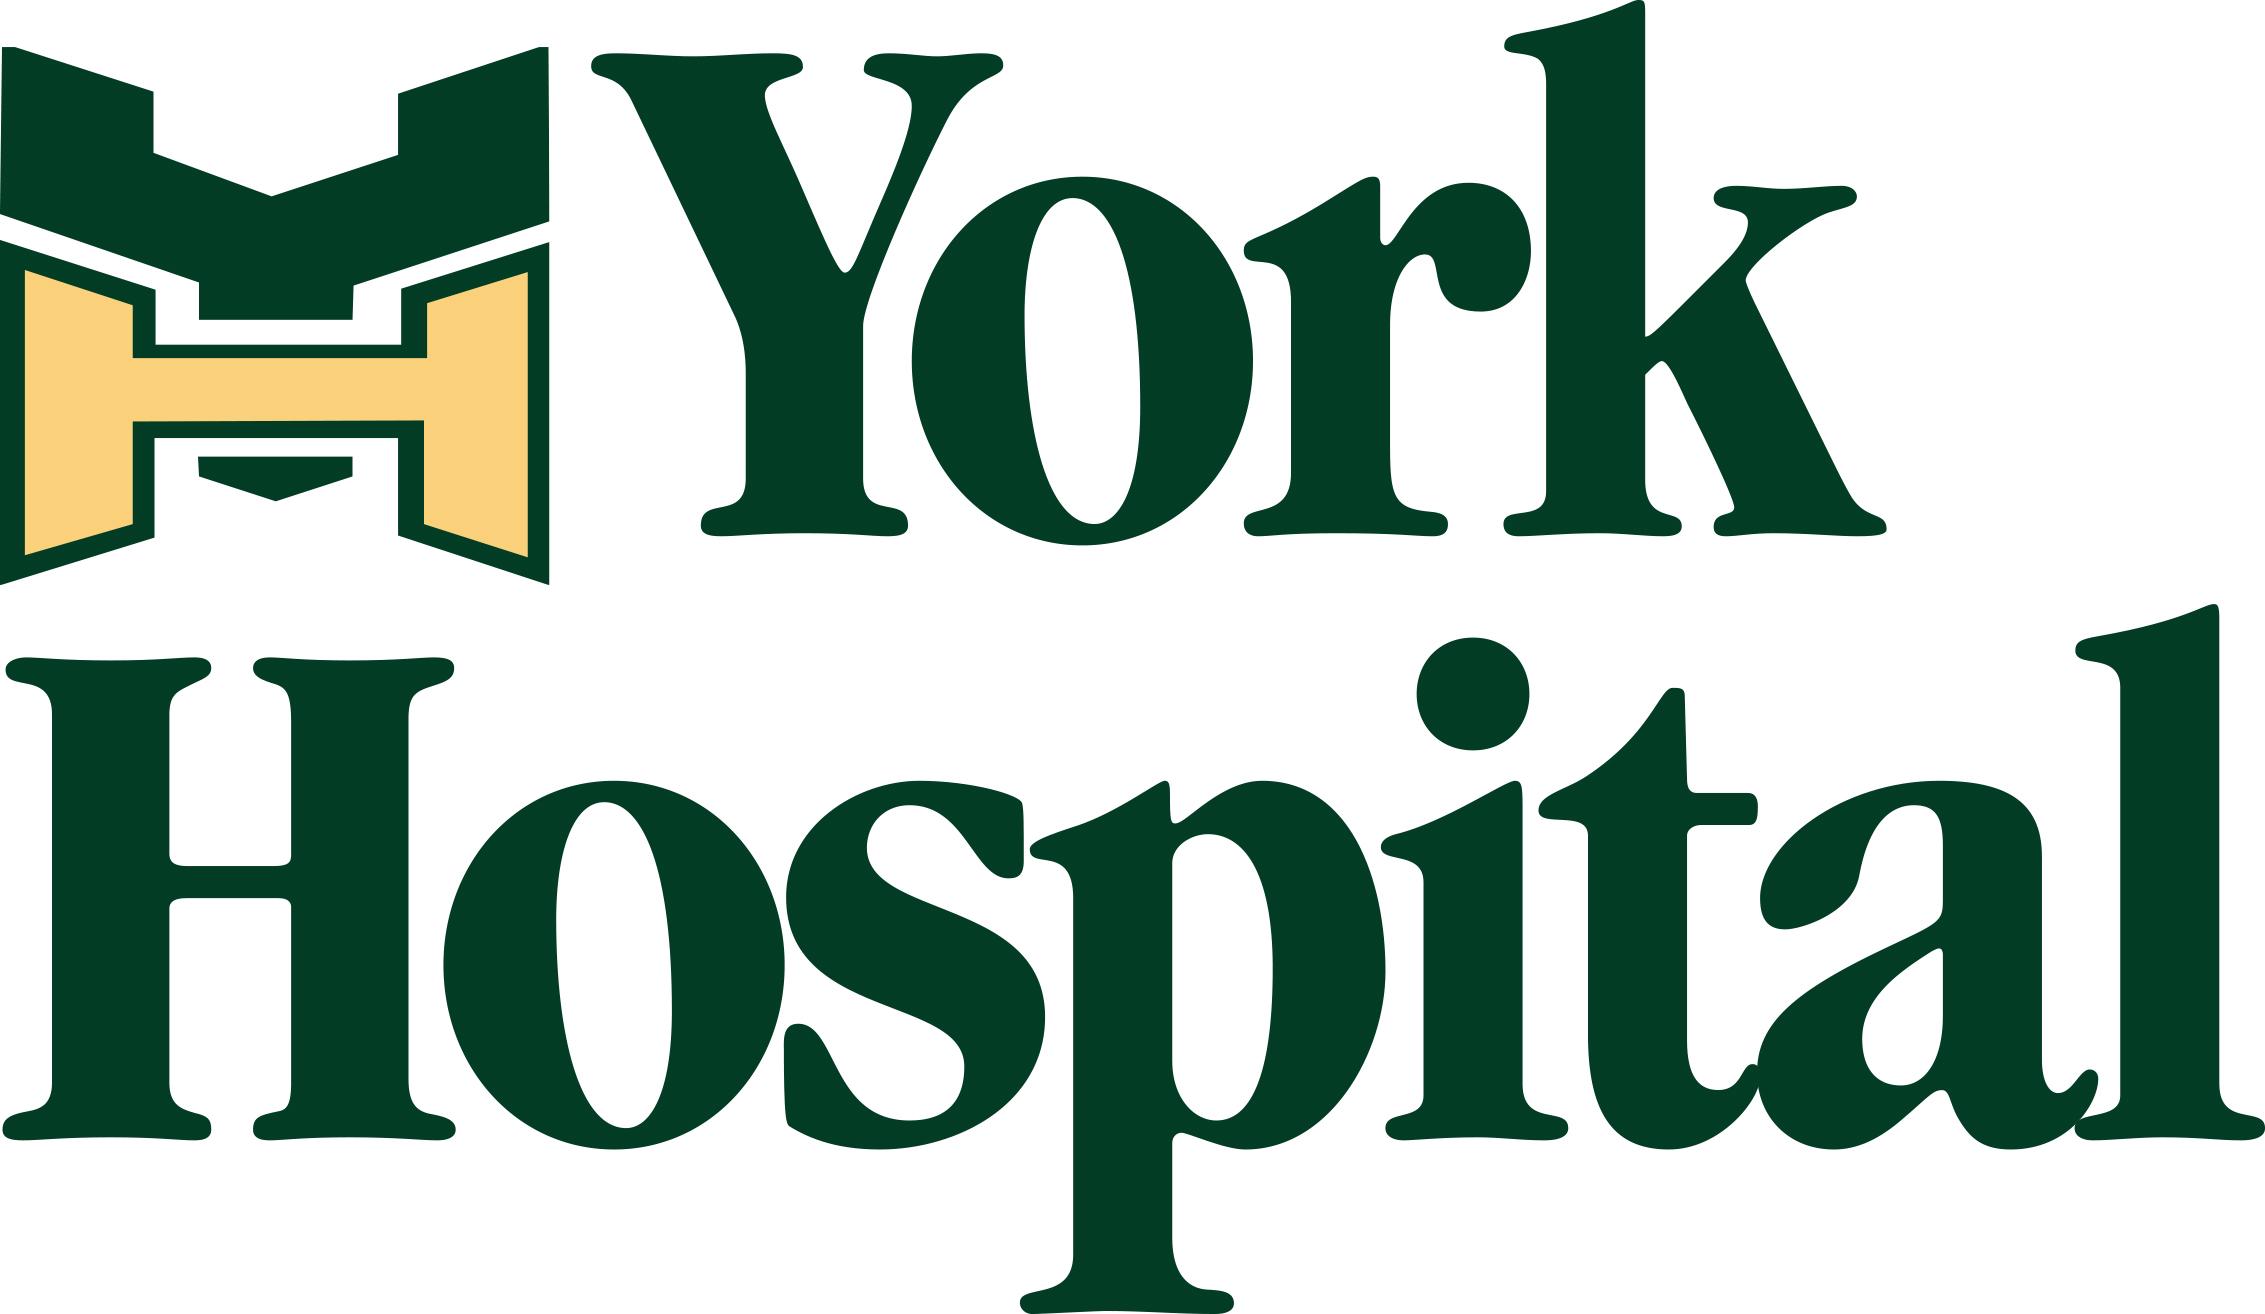 2018_York-Hospital_logo.jpg